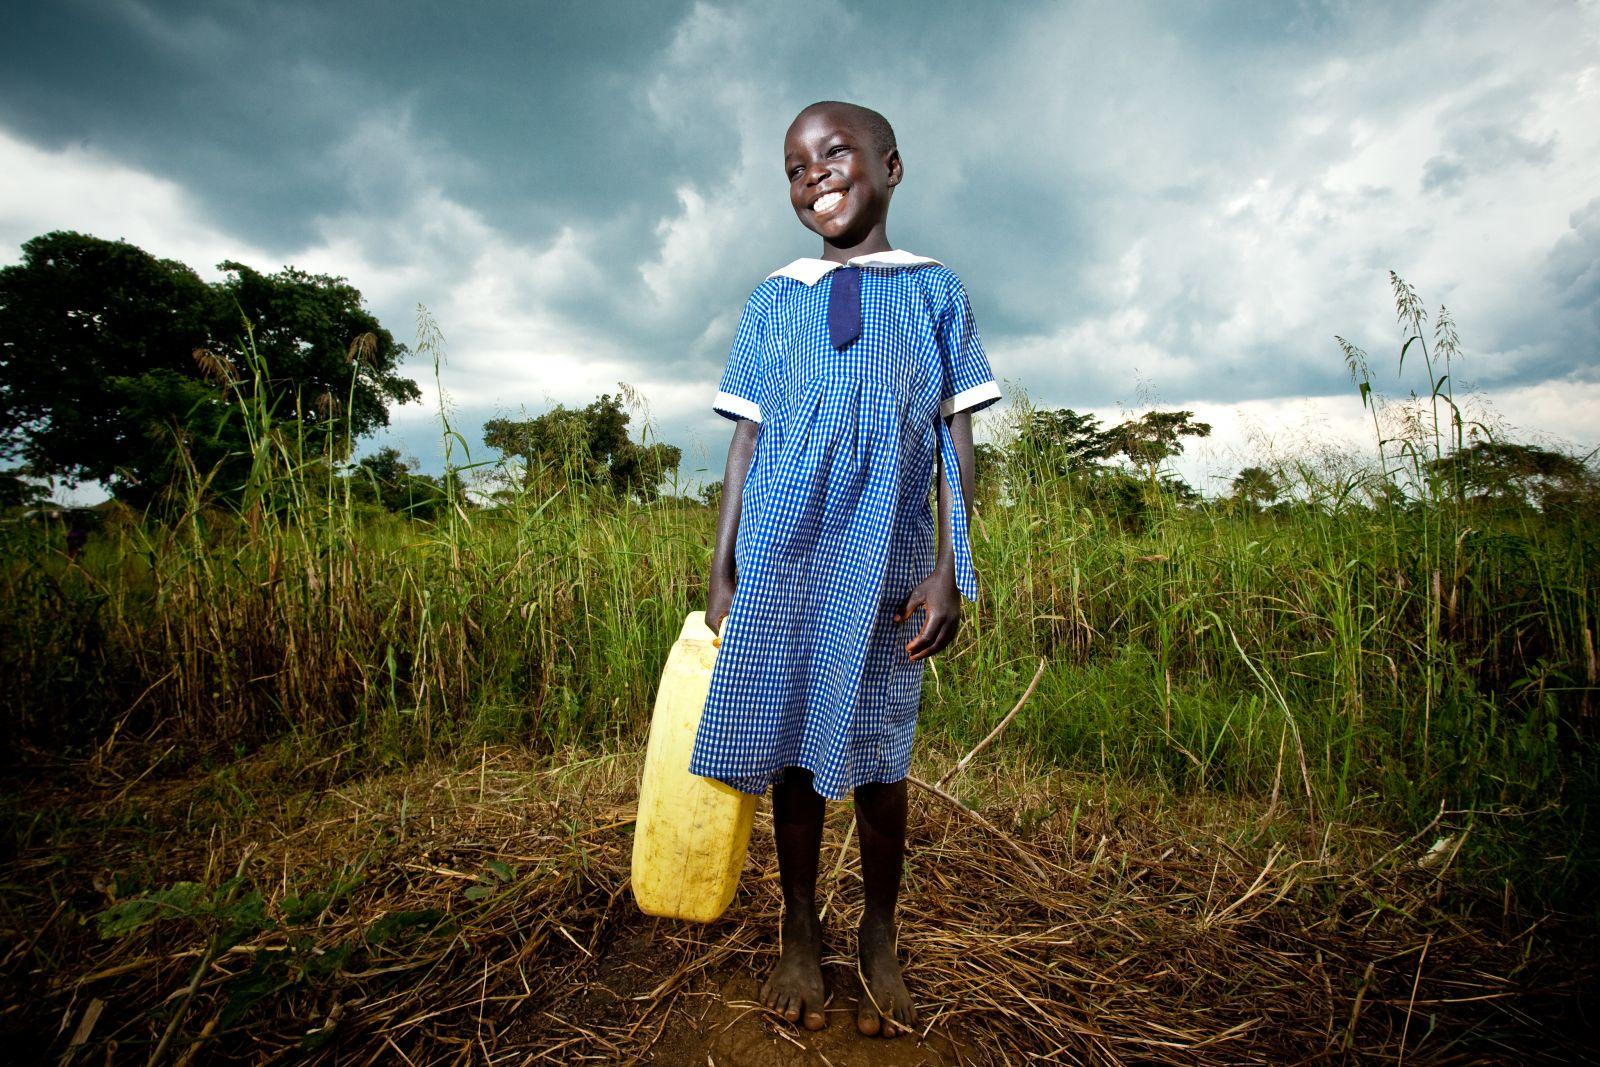 uganda_IMG_1033_preview.jpg